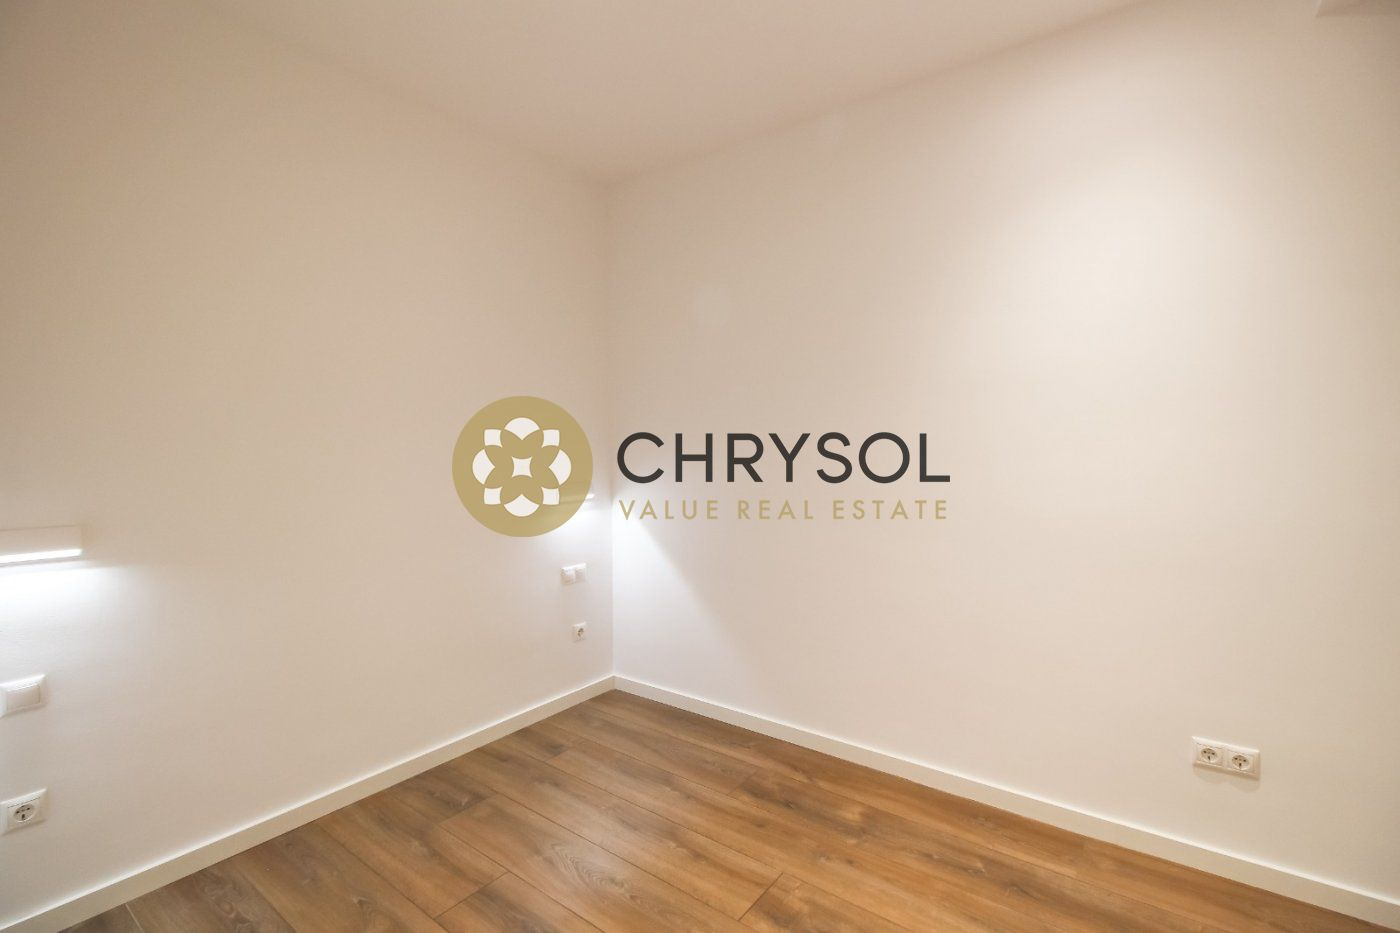 Fotogalería - 33 - Chrysol Value